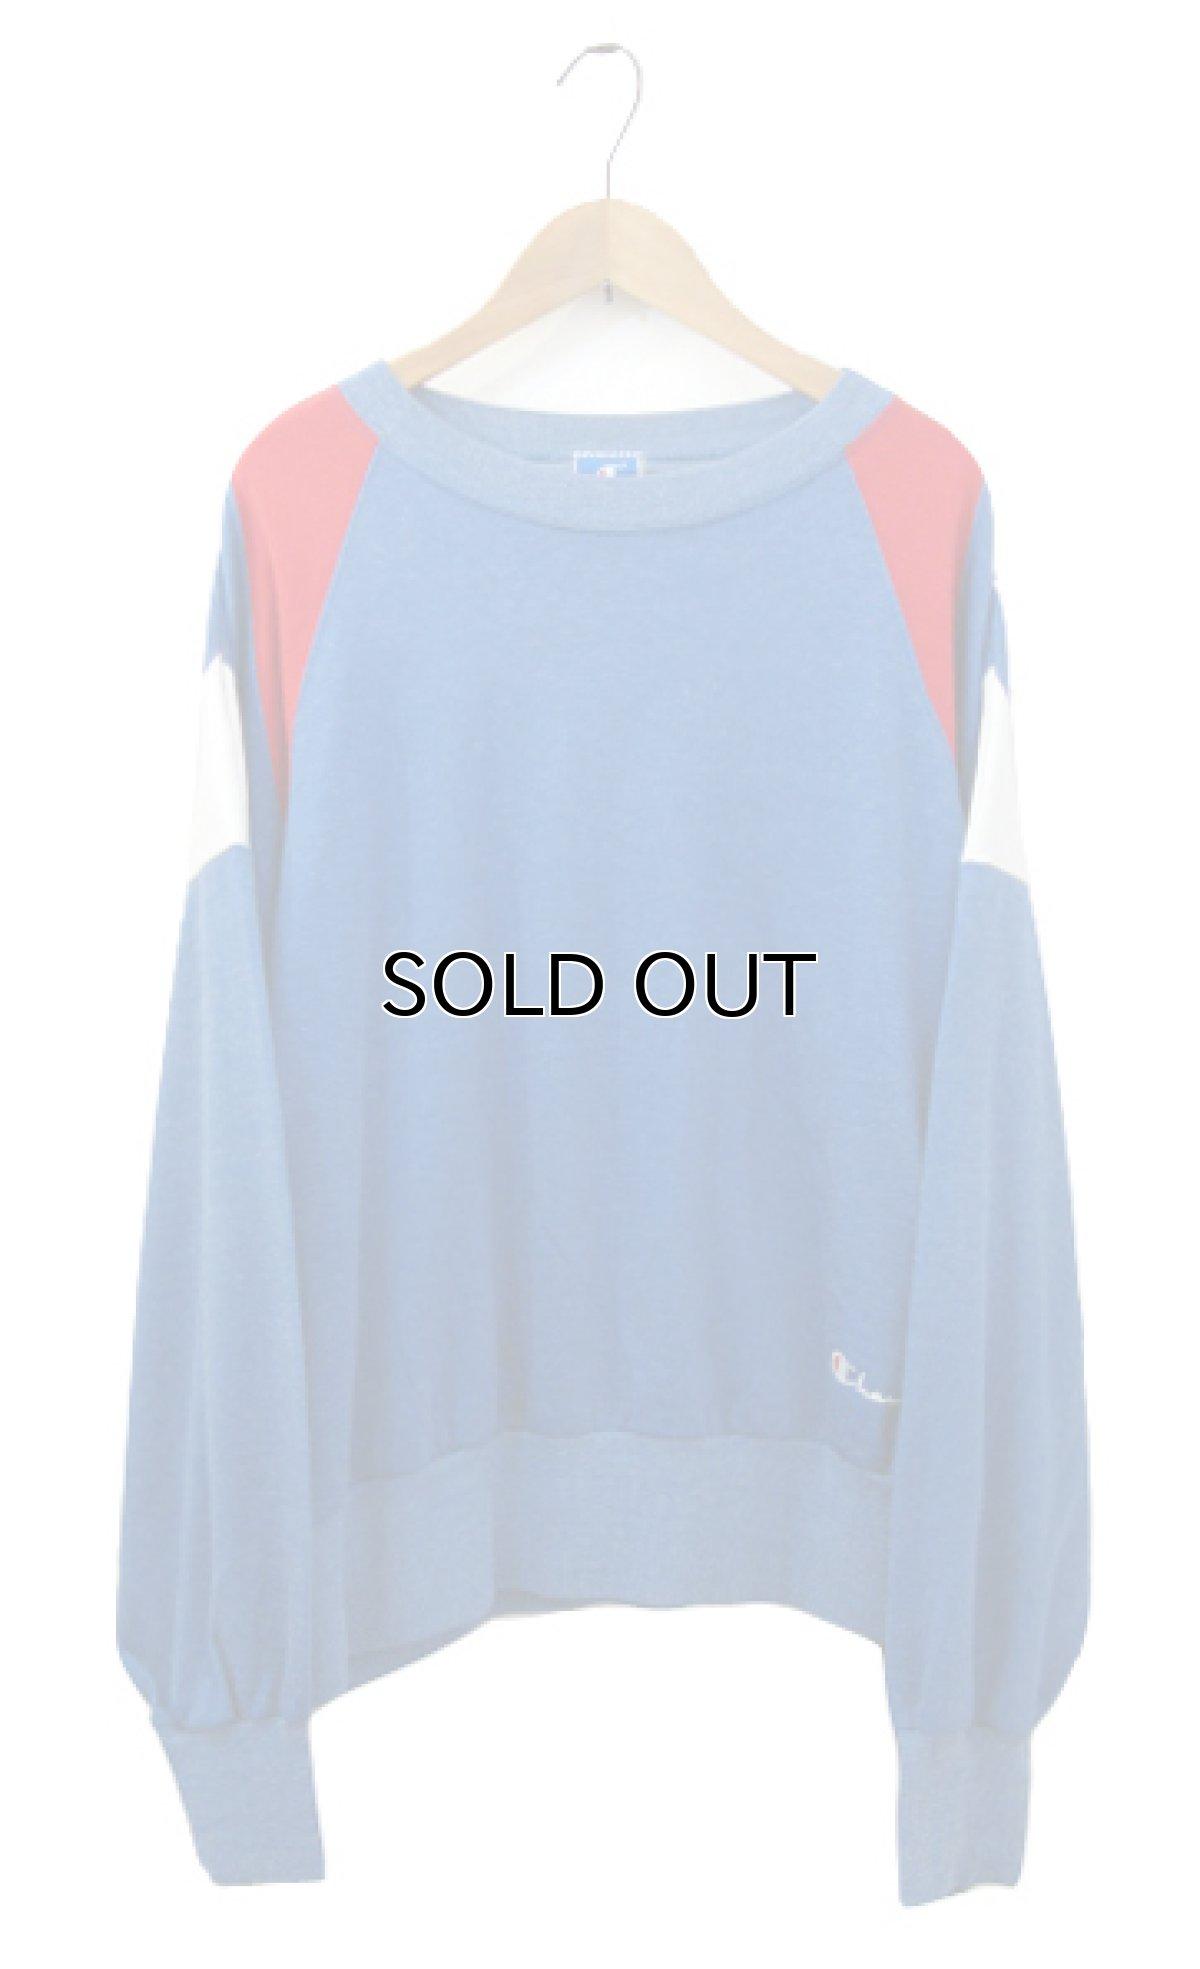 画像1: 1990's Champion L/S Jersey Shirts -made in USA- Blue / Red / White size M - L (表記 L) (1)